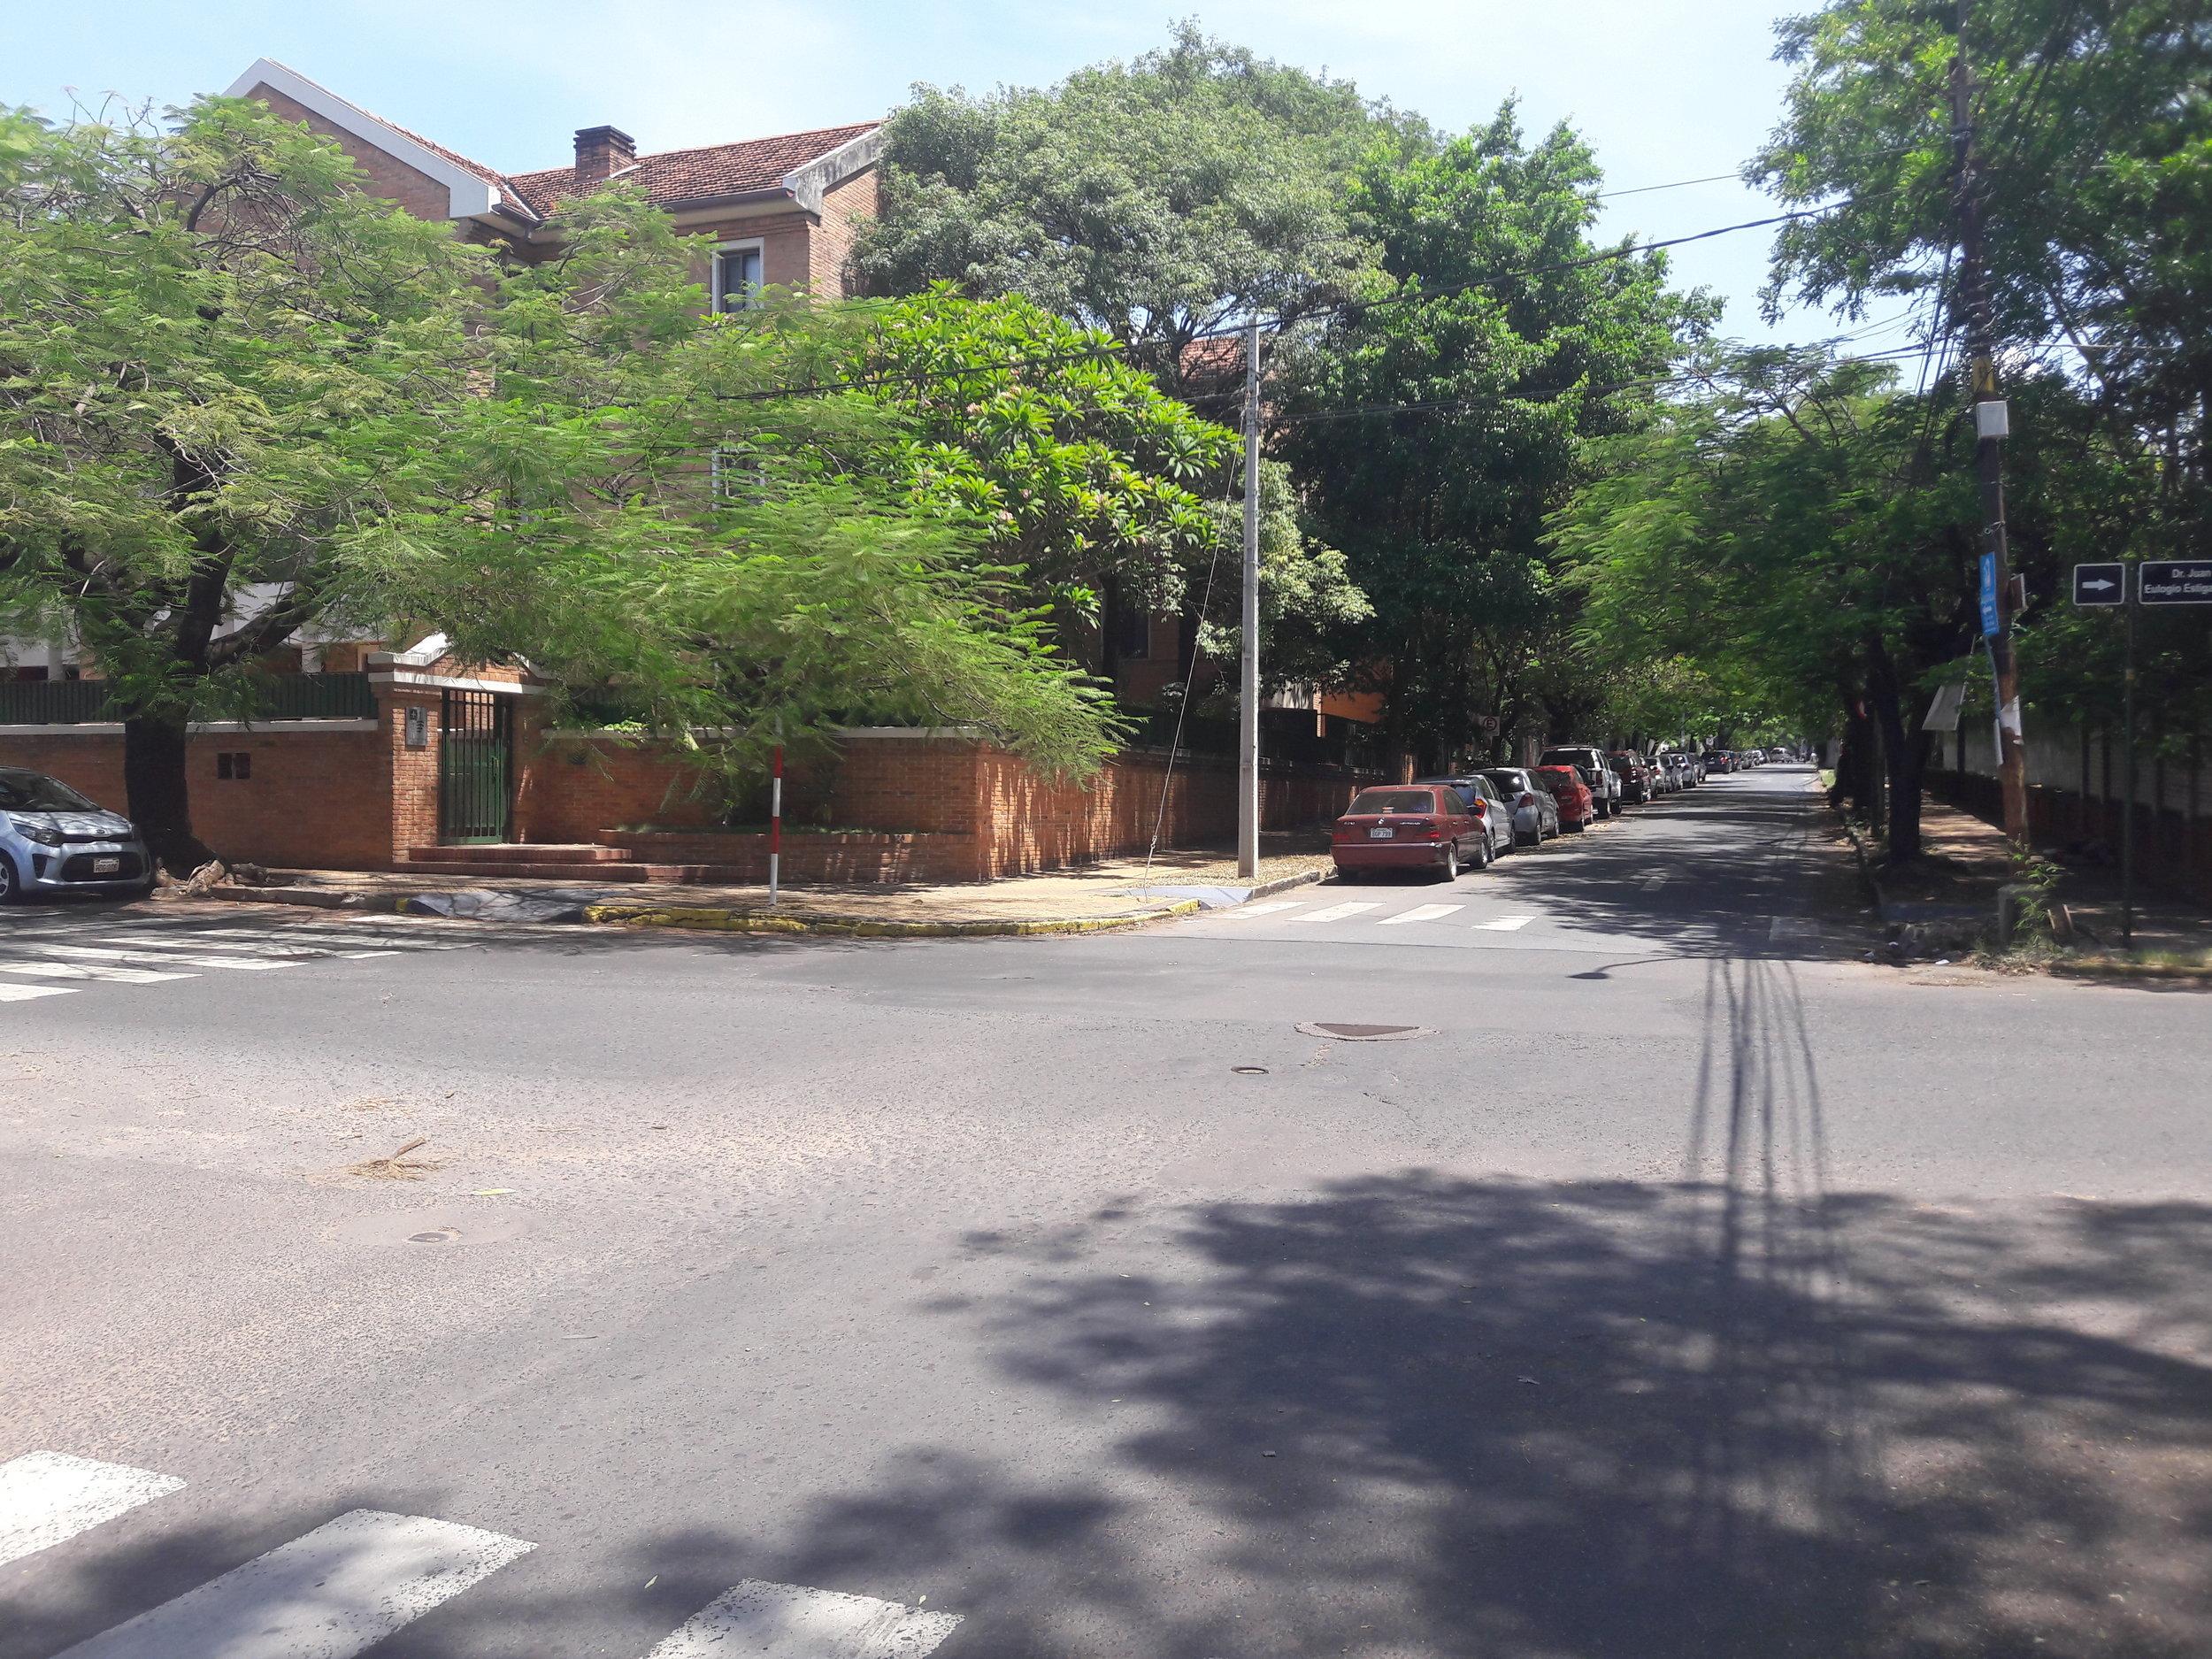 Křížení ulic Cruz del Chaco a Guido Boggiani (koleje vedly doleva; viz plánek Allena Morrisona).